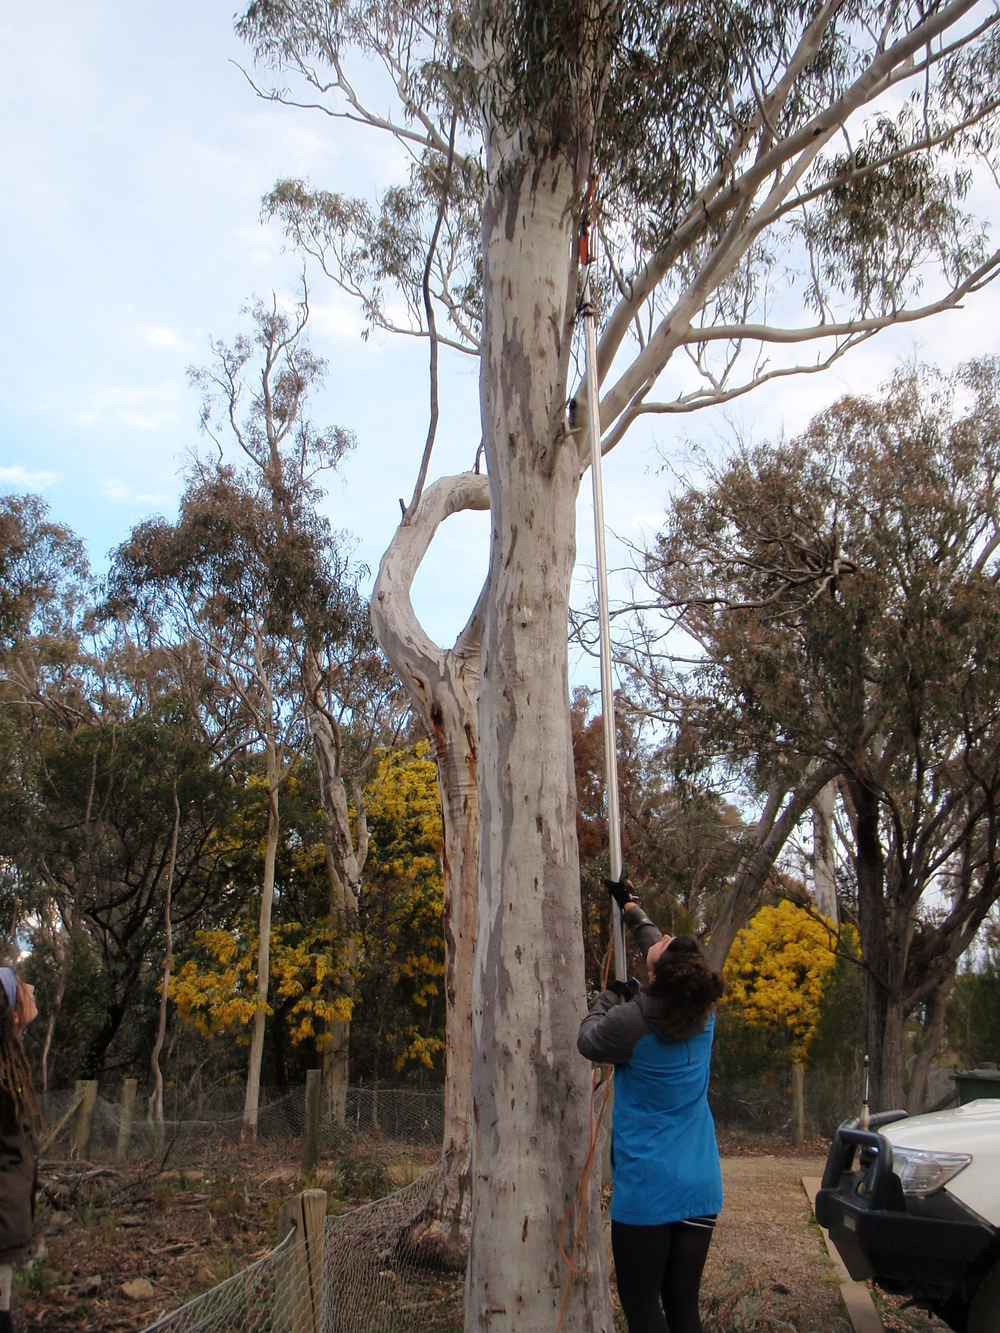 On coupe des branches d'une espèce spécifique d'Eucalyptus pour nourrir une autre espèce d'opossum, le possum à queue en anneau.